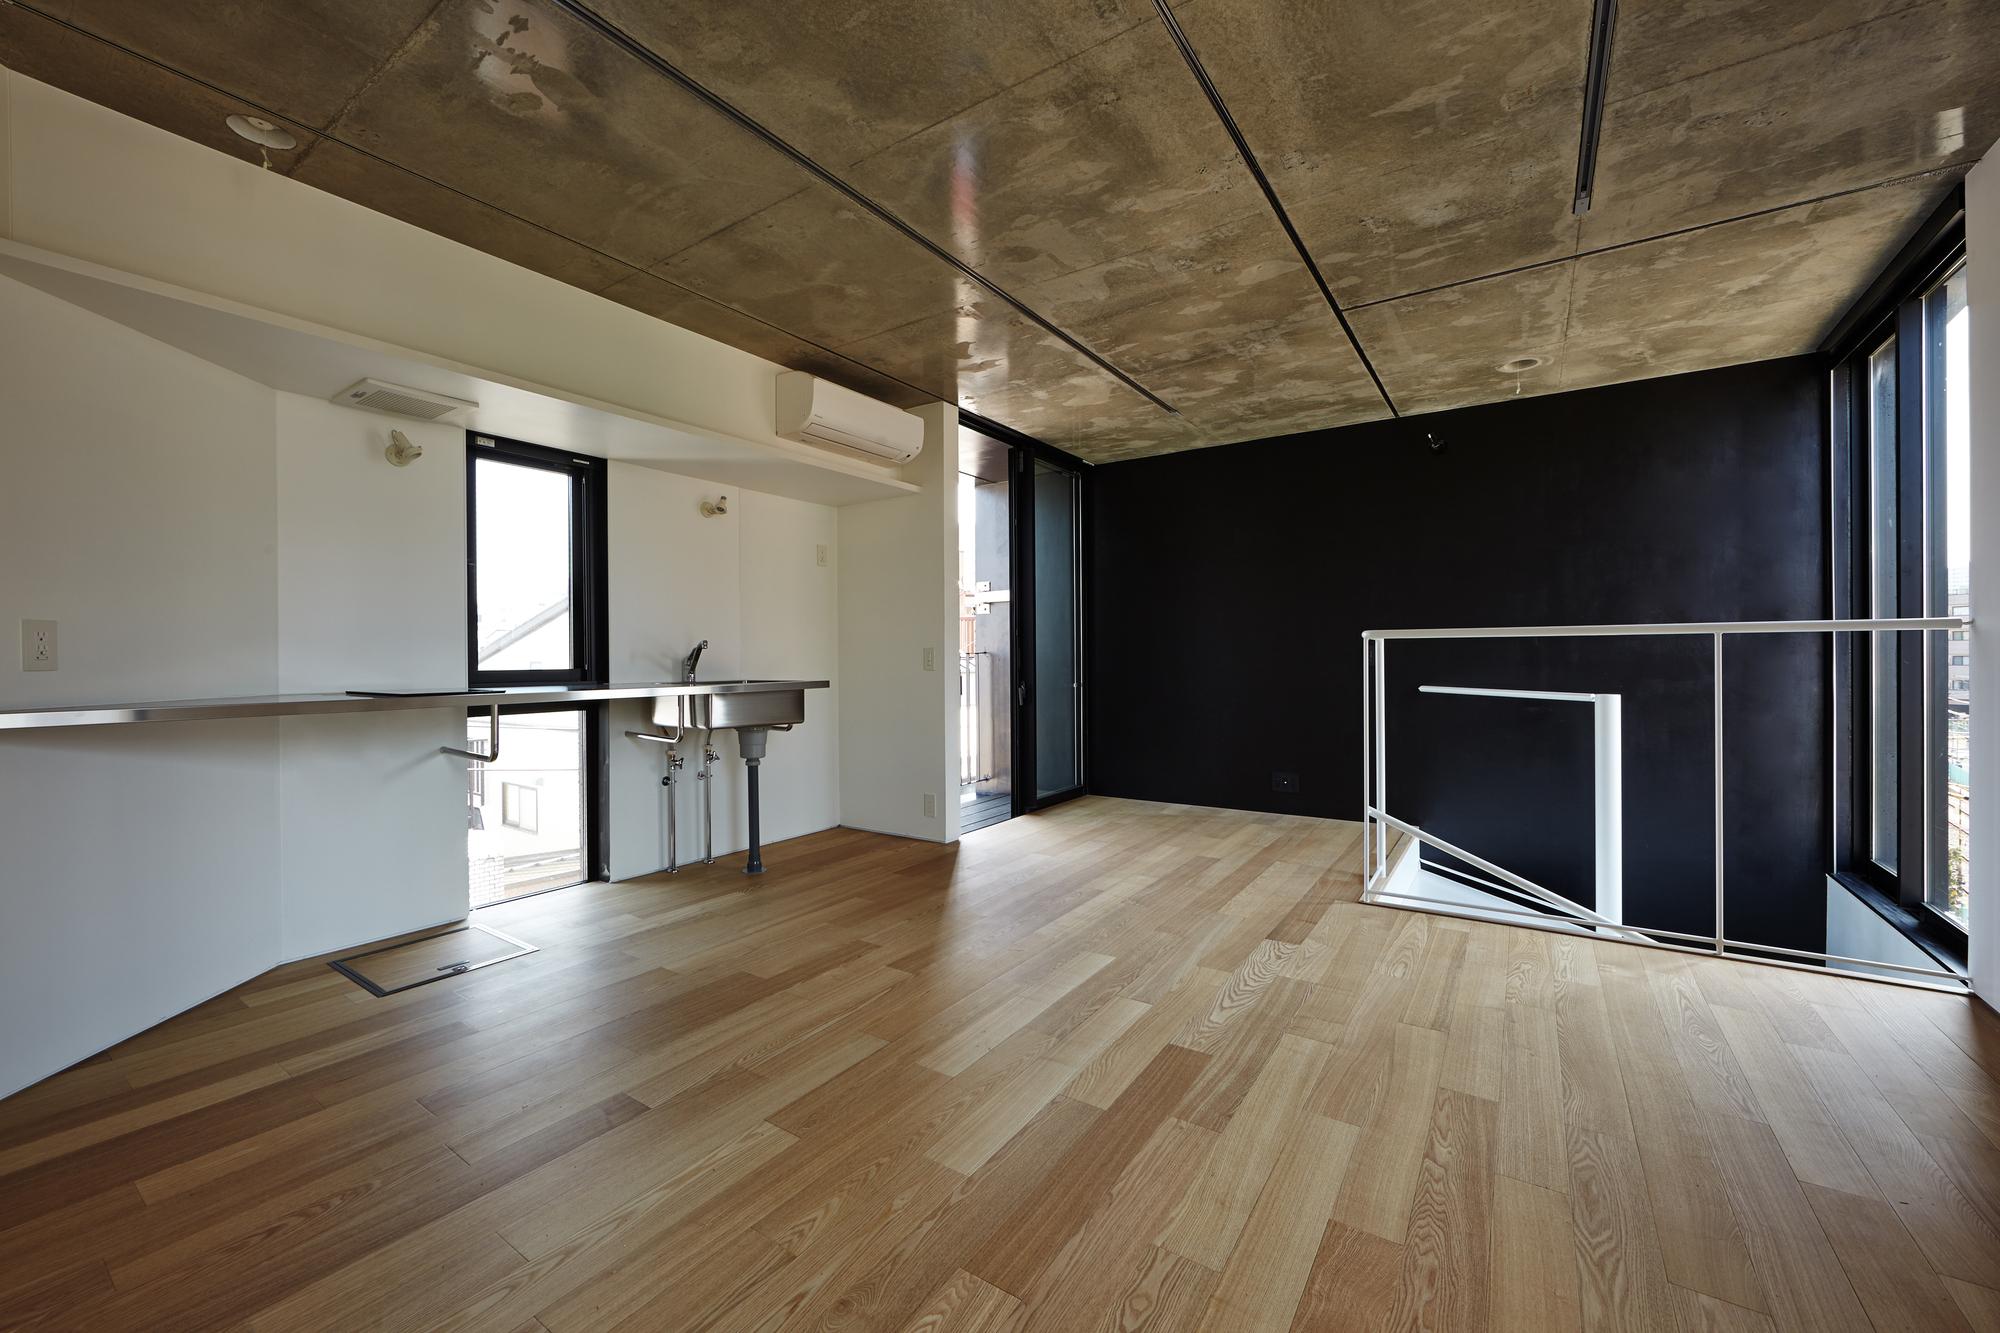 546d5339e58ece3d87000073_kuro-building-kino-architects_hikb_137